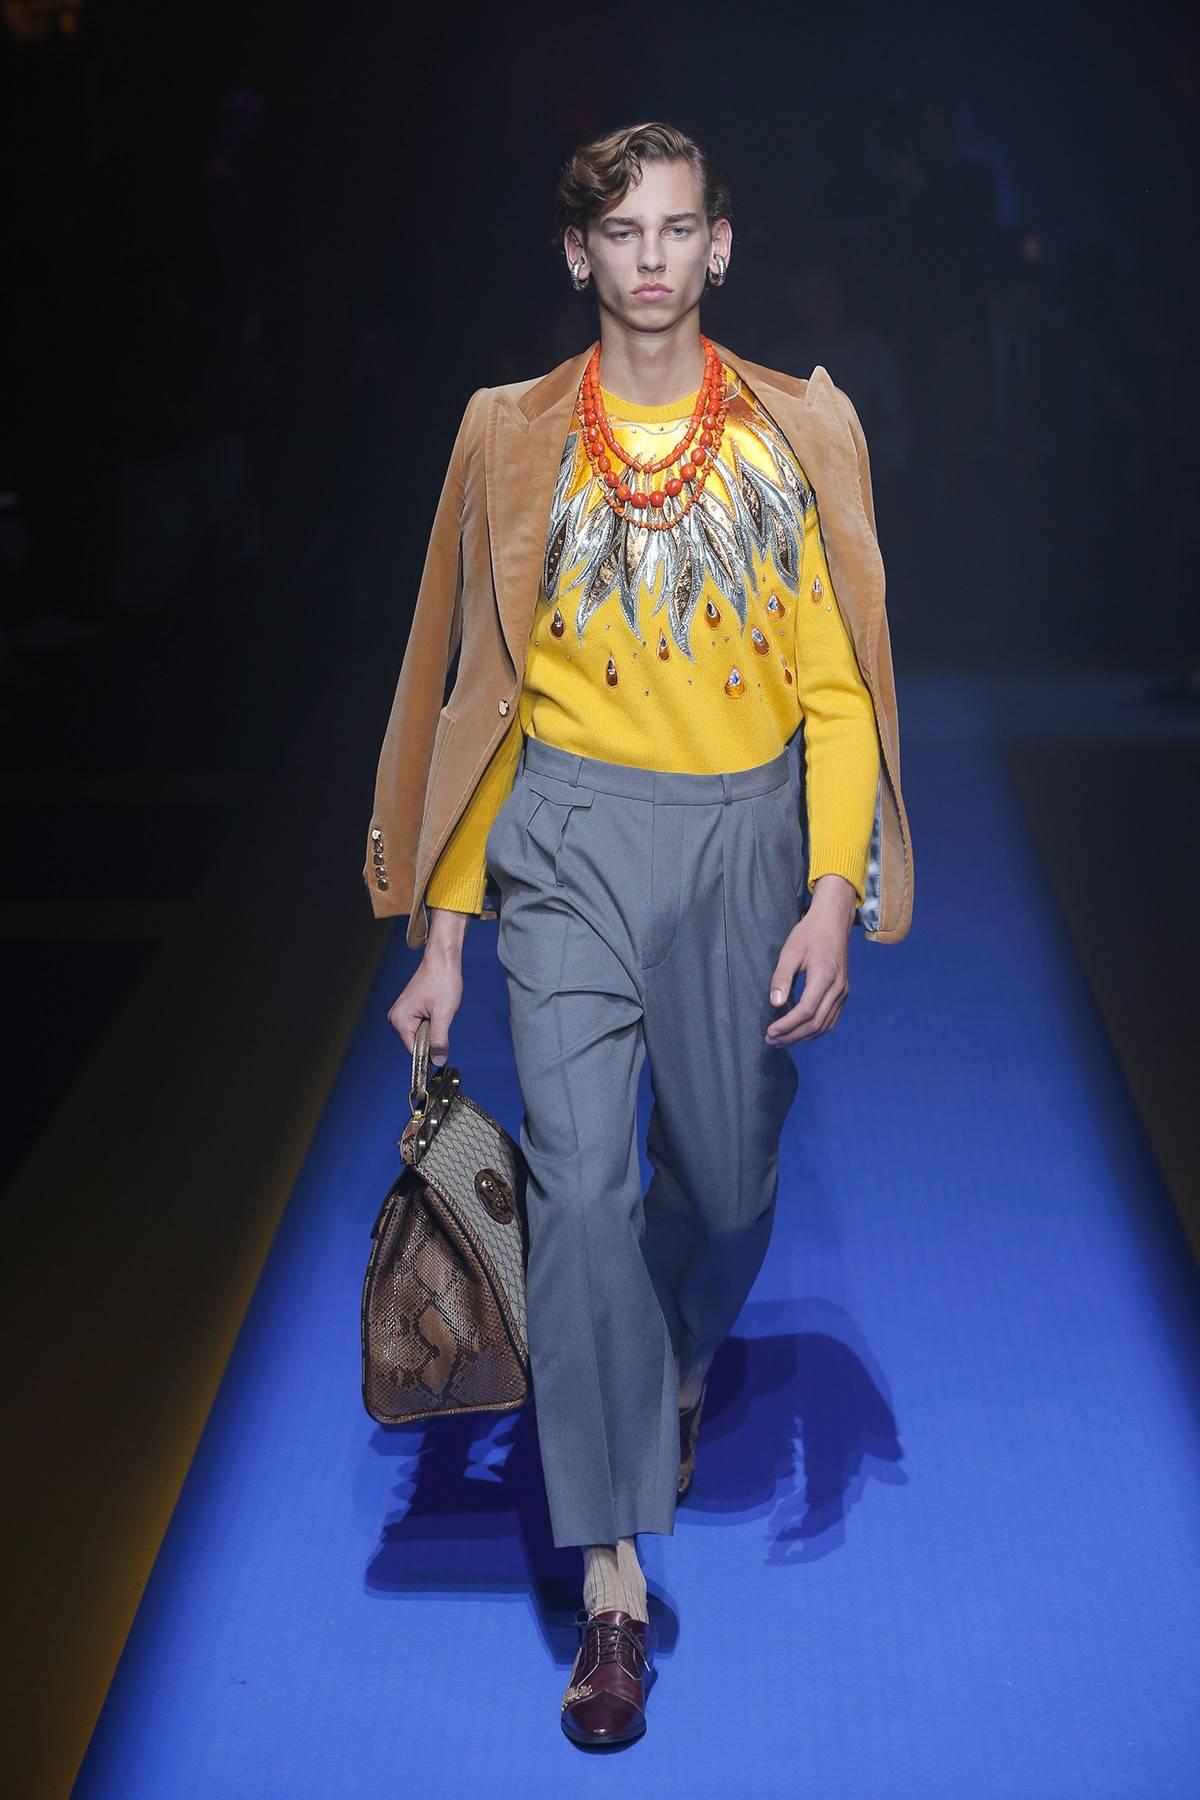 """Triết lý """"bẻ cong giới tính"""" được áp dụng triệt để mang đến một mỹ cảm mới lạ về chân dung người đàn ông hiện đại. Ảnh: Gucci"""